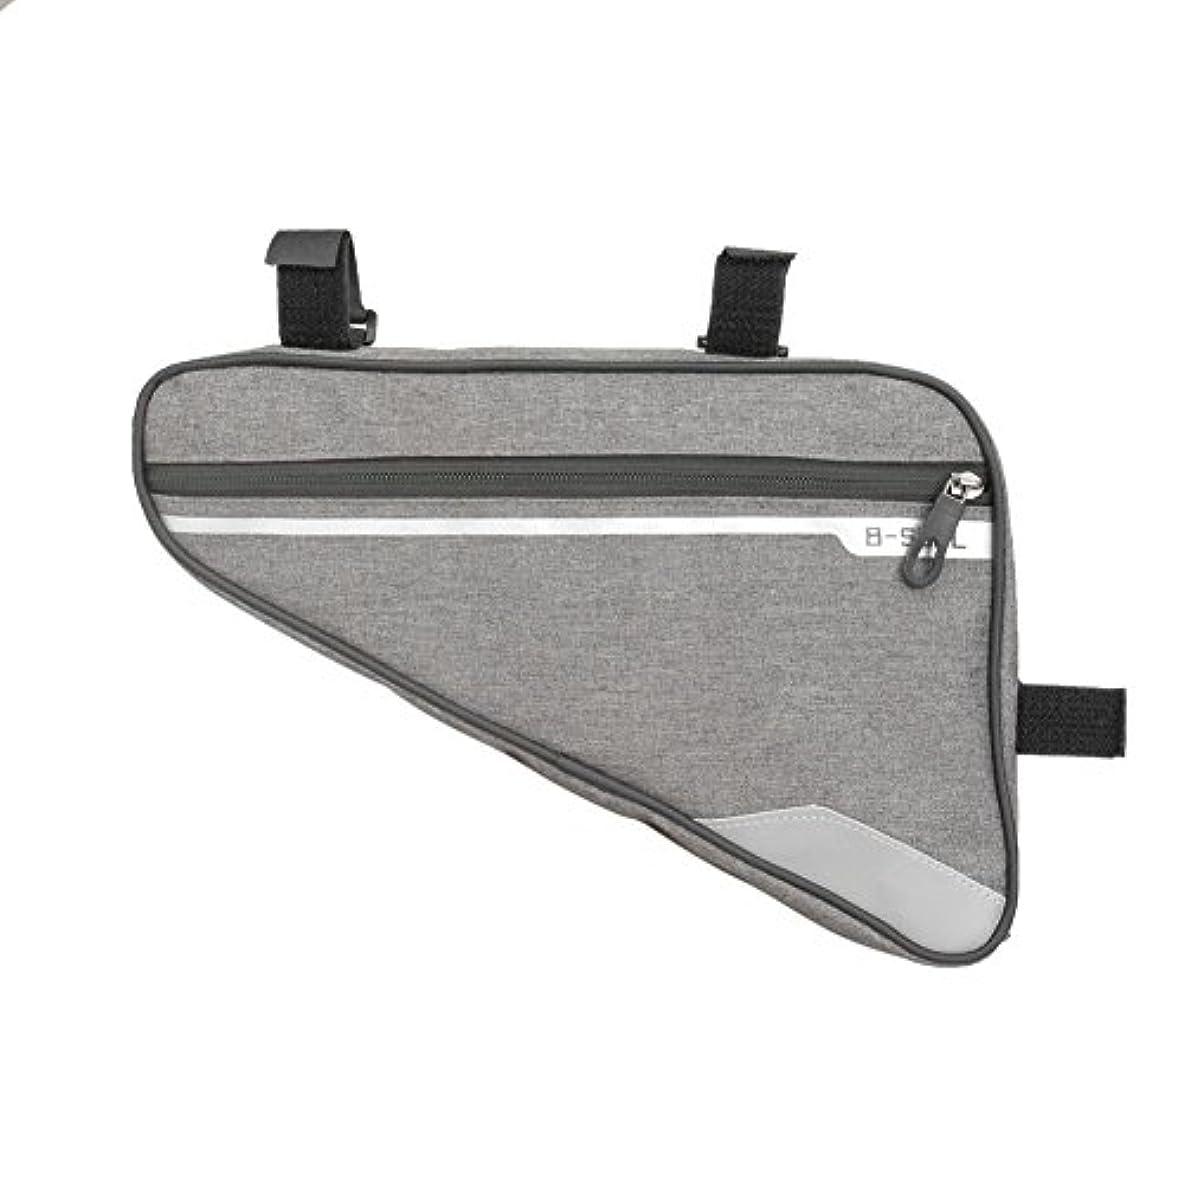 悲観的解く質素なk-outdoor 自転車バッグ チューブパック 三角 フレームバッグ 防水 ライディング装備 アウトドア